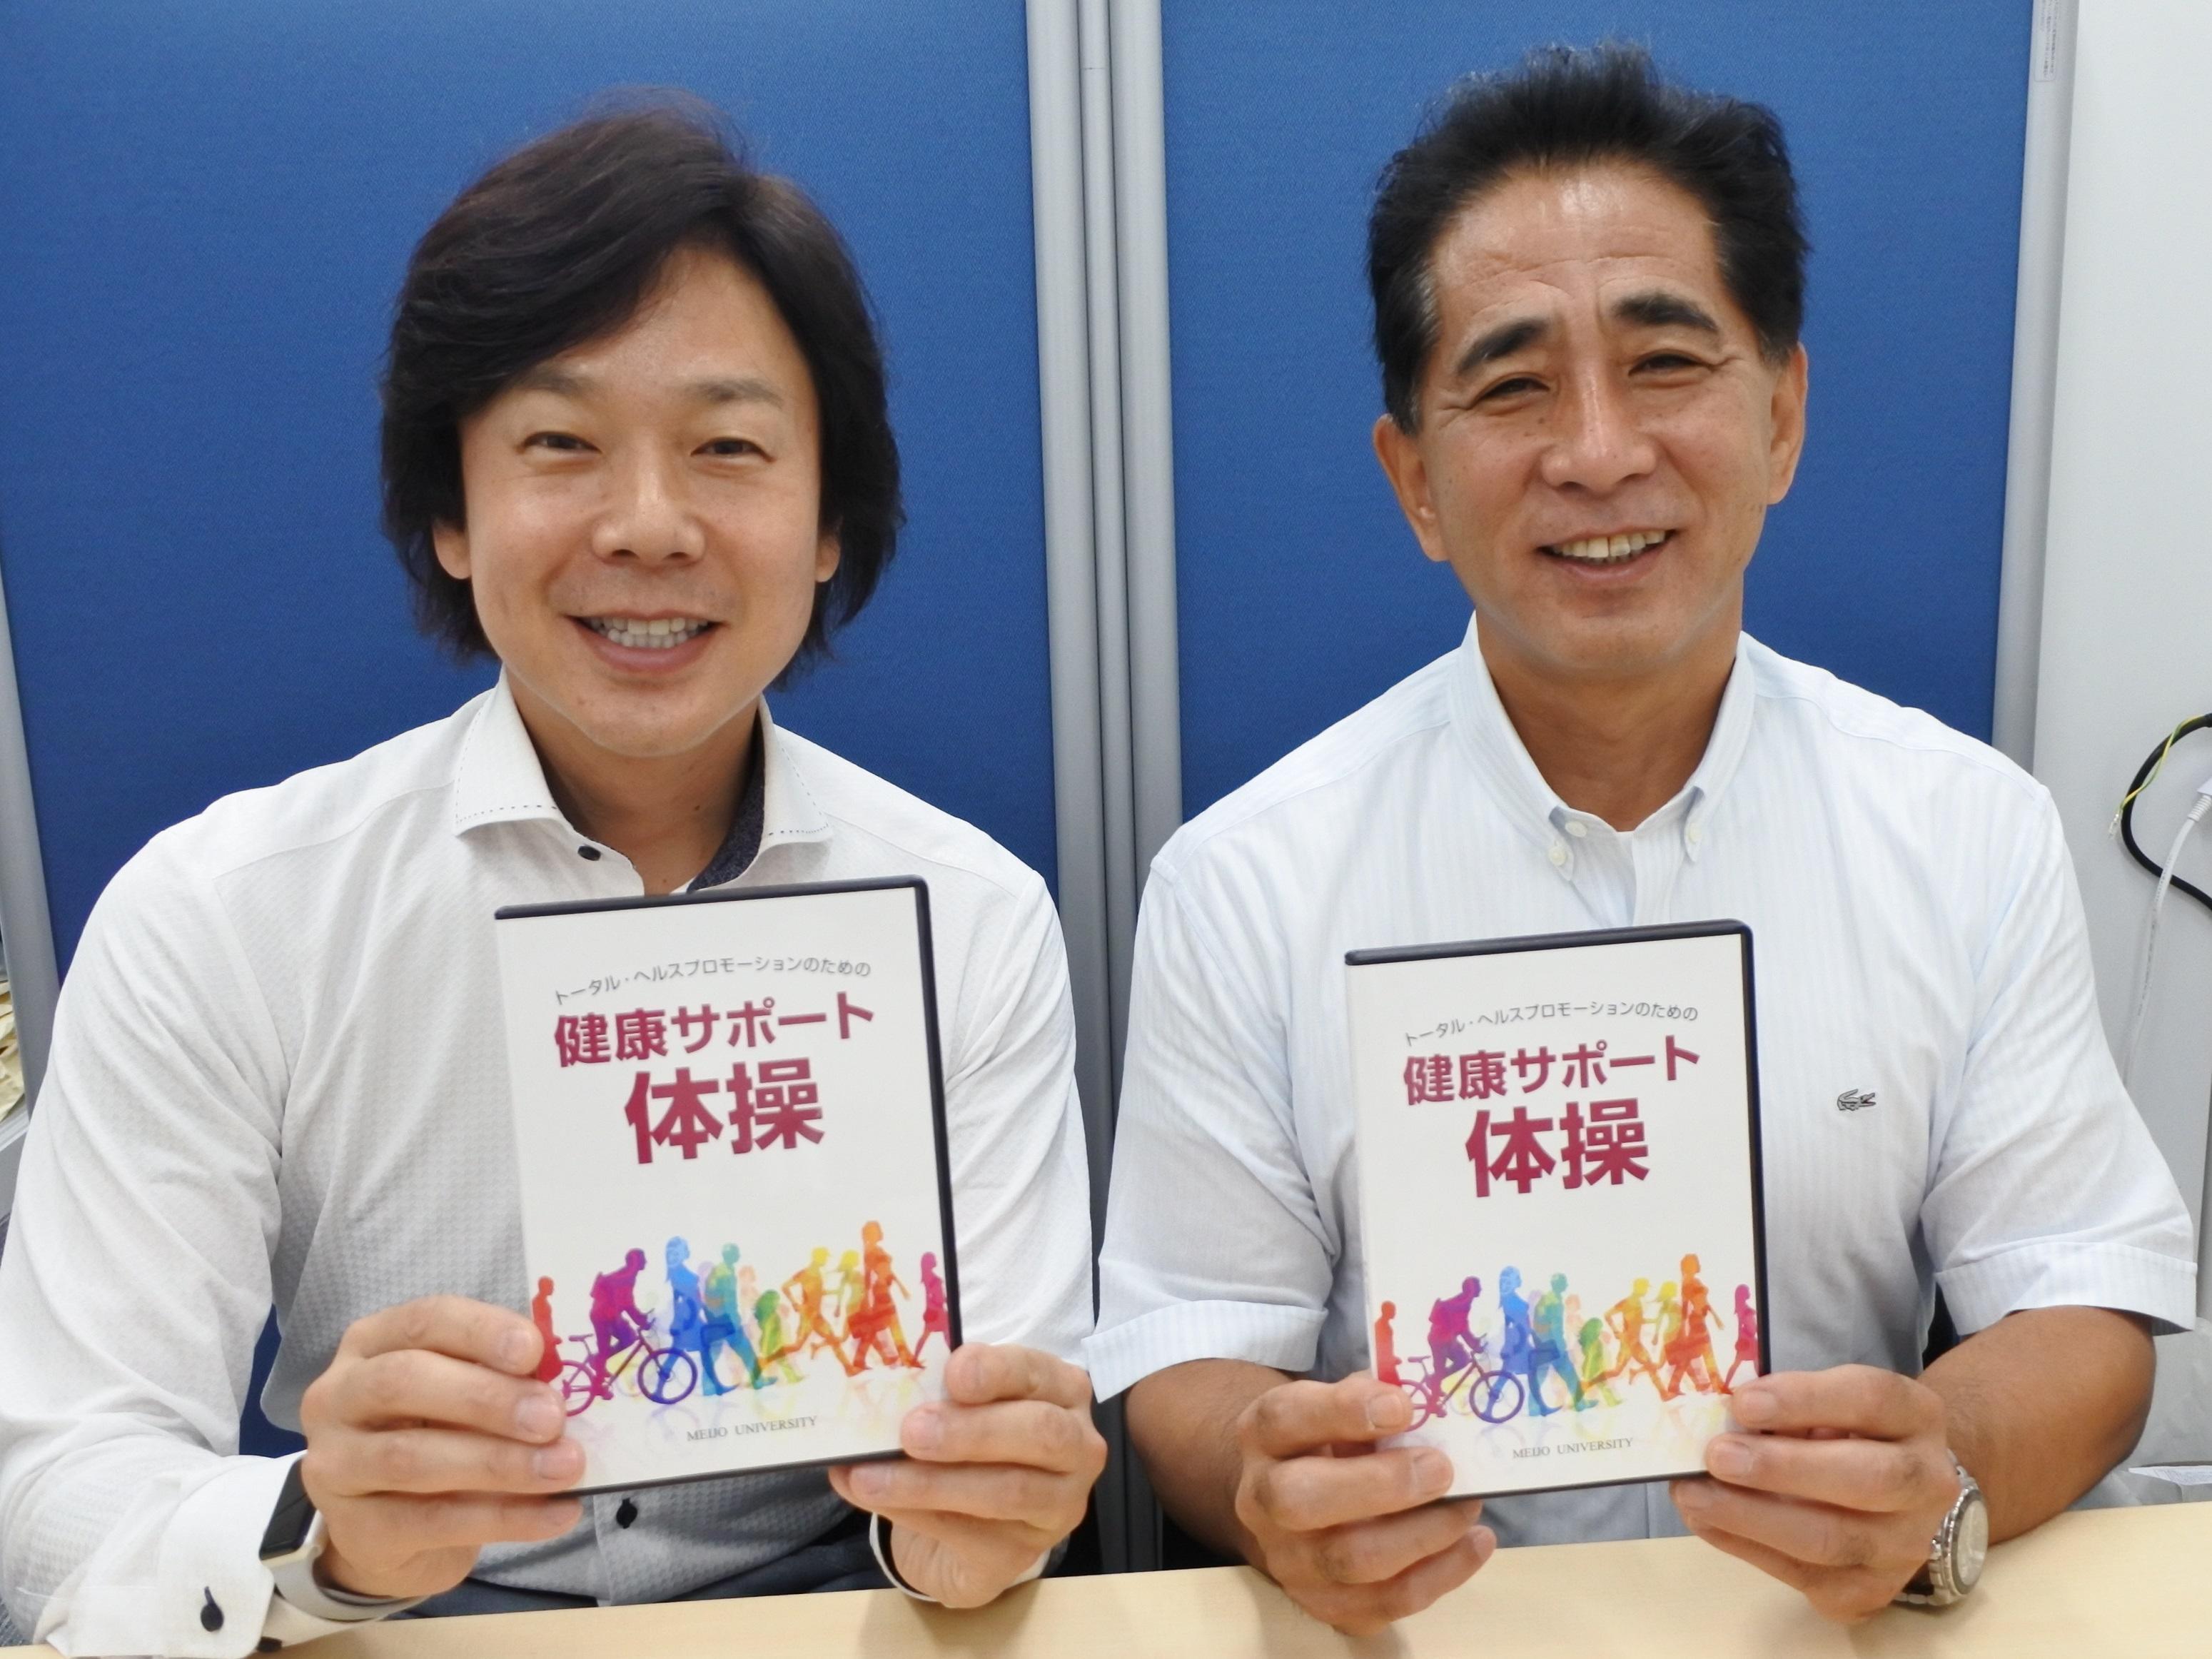 「健康サポート体操」DVDの完成を喜ぶ佐藤さん(左)と梅田教授=八事キャンパスで